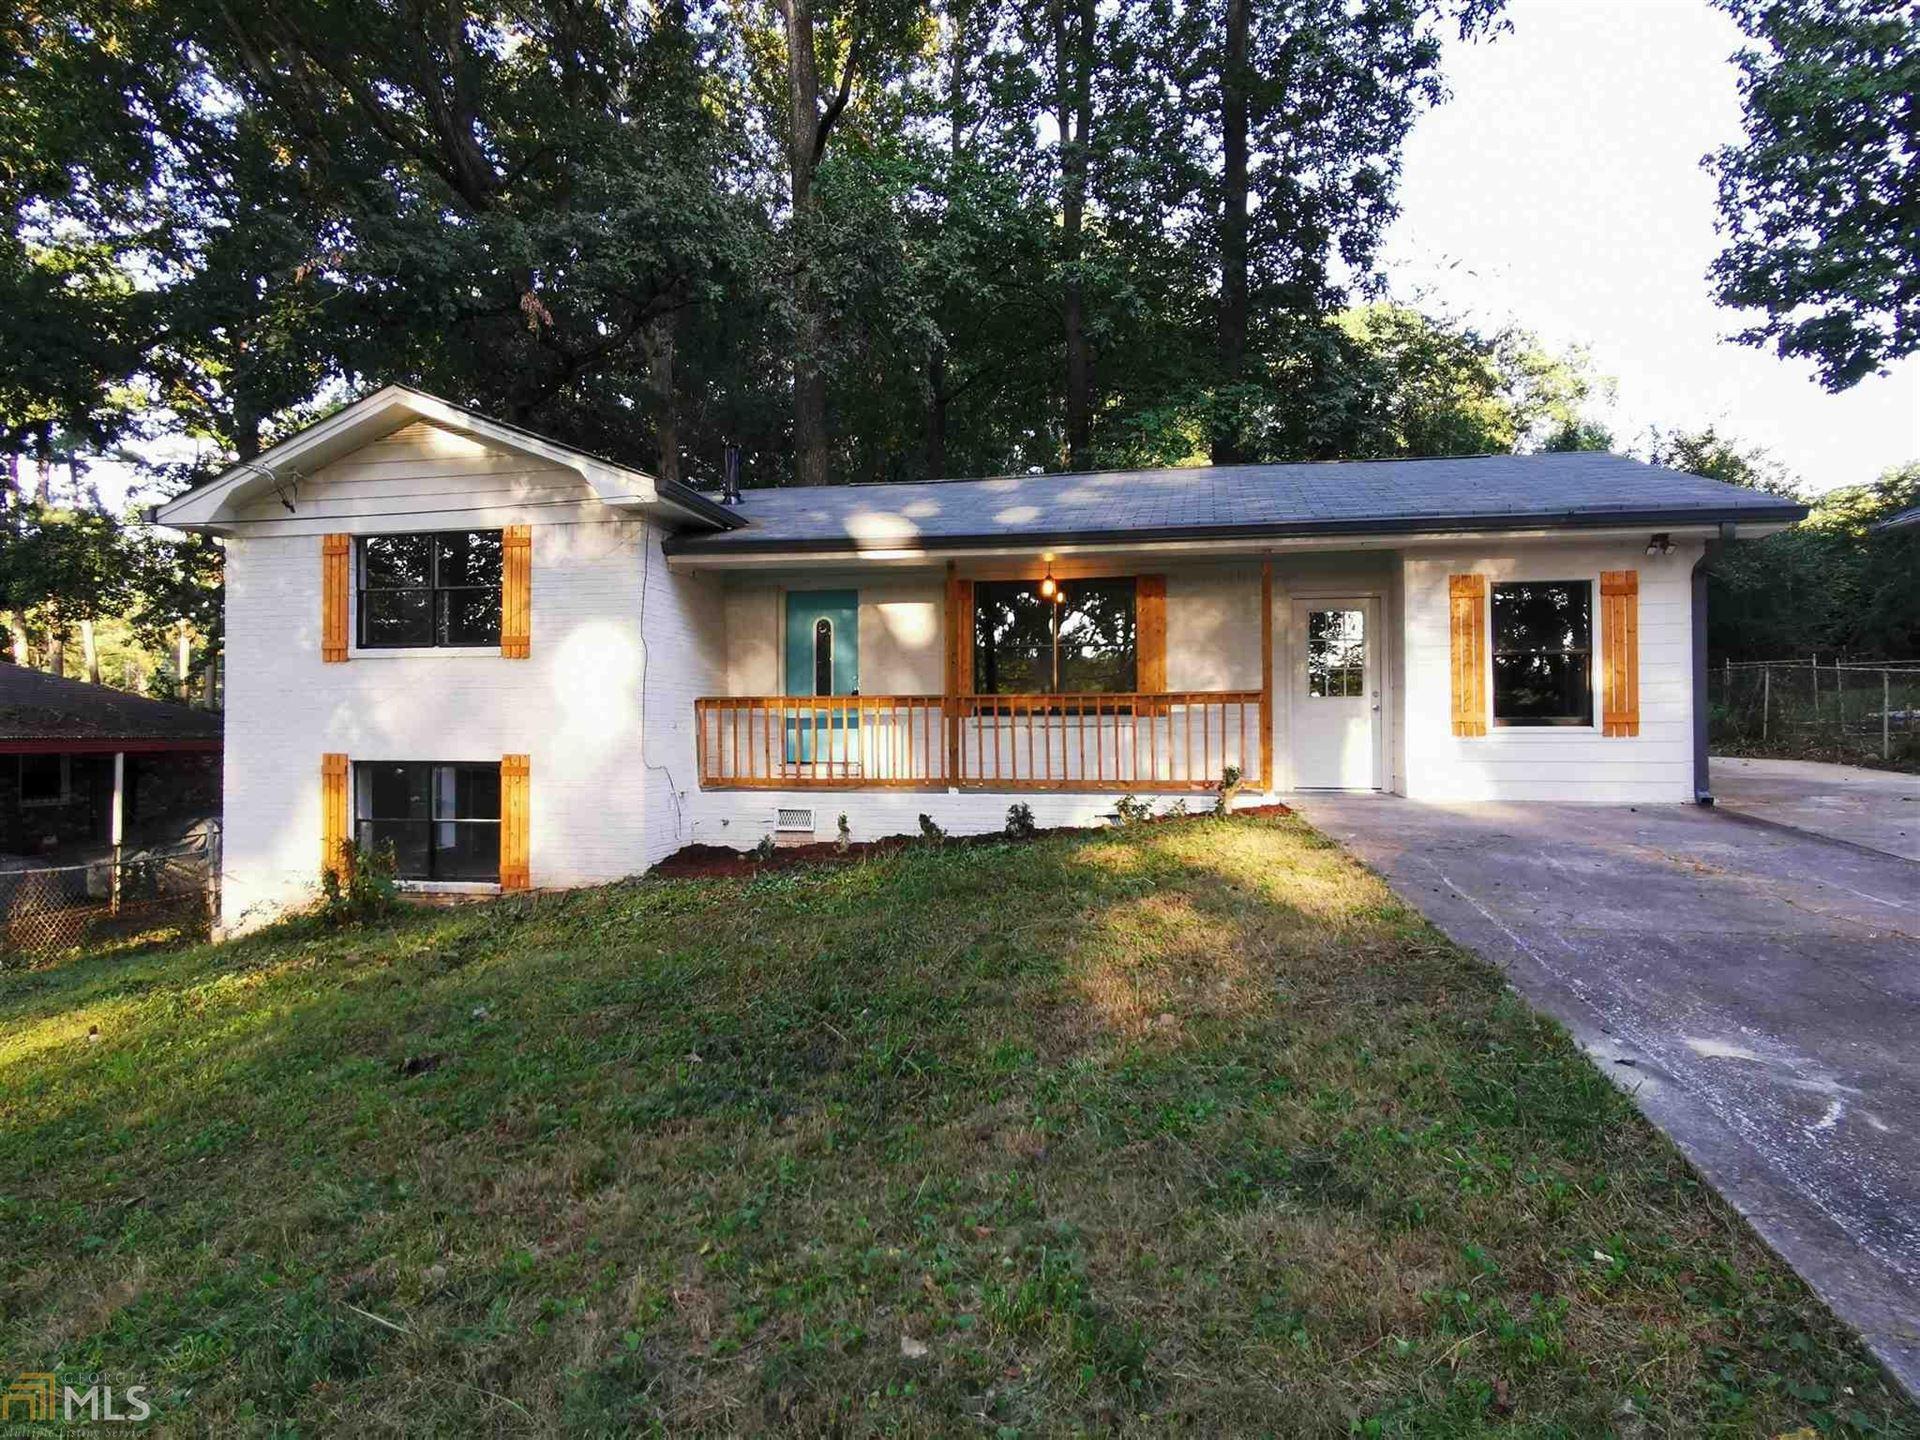 5930 Meadowview Rd, Rex, GA 30273 - #: 8865370